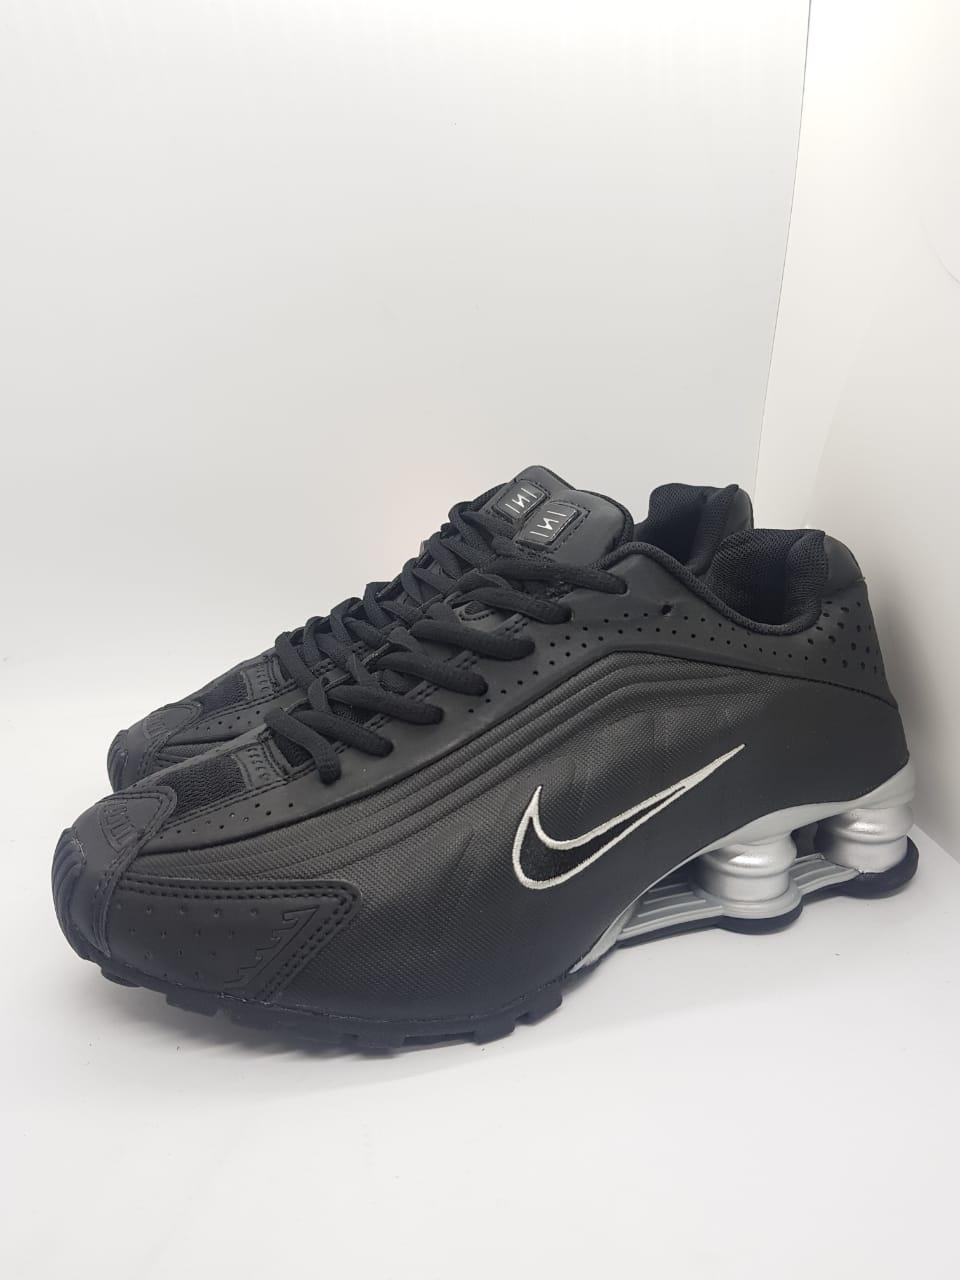 Zapatillas Shox Nike Zapatillas Nike Por Mayor 8XOP0wnk